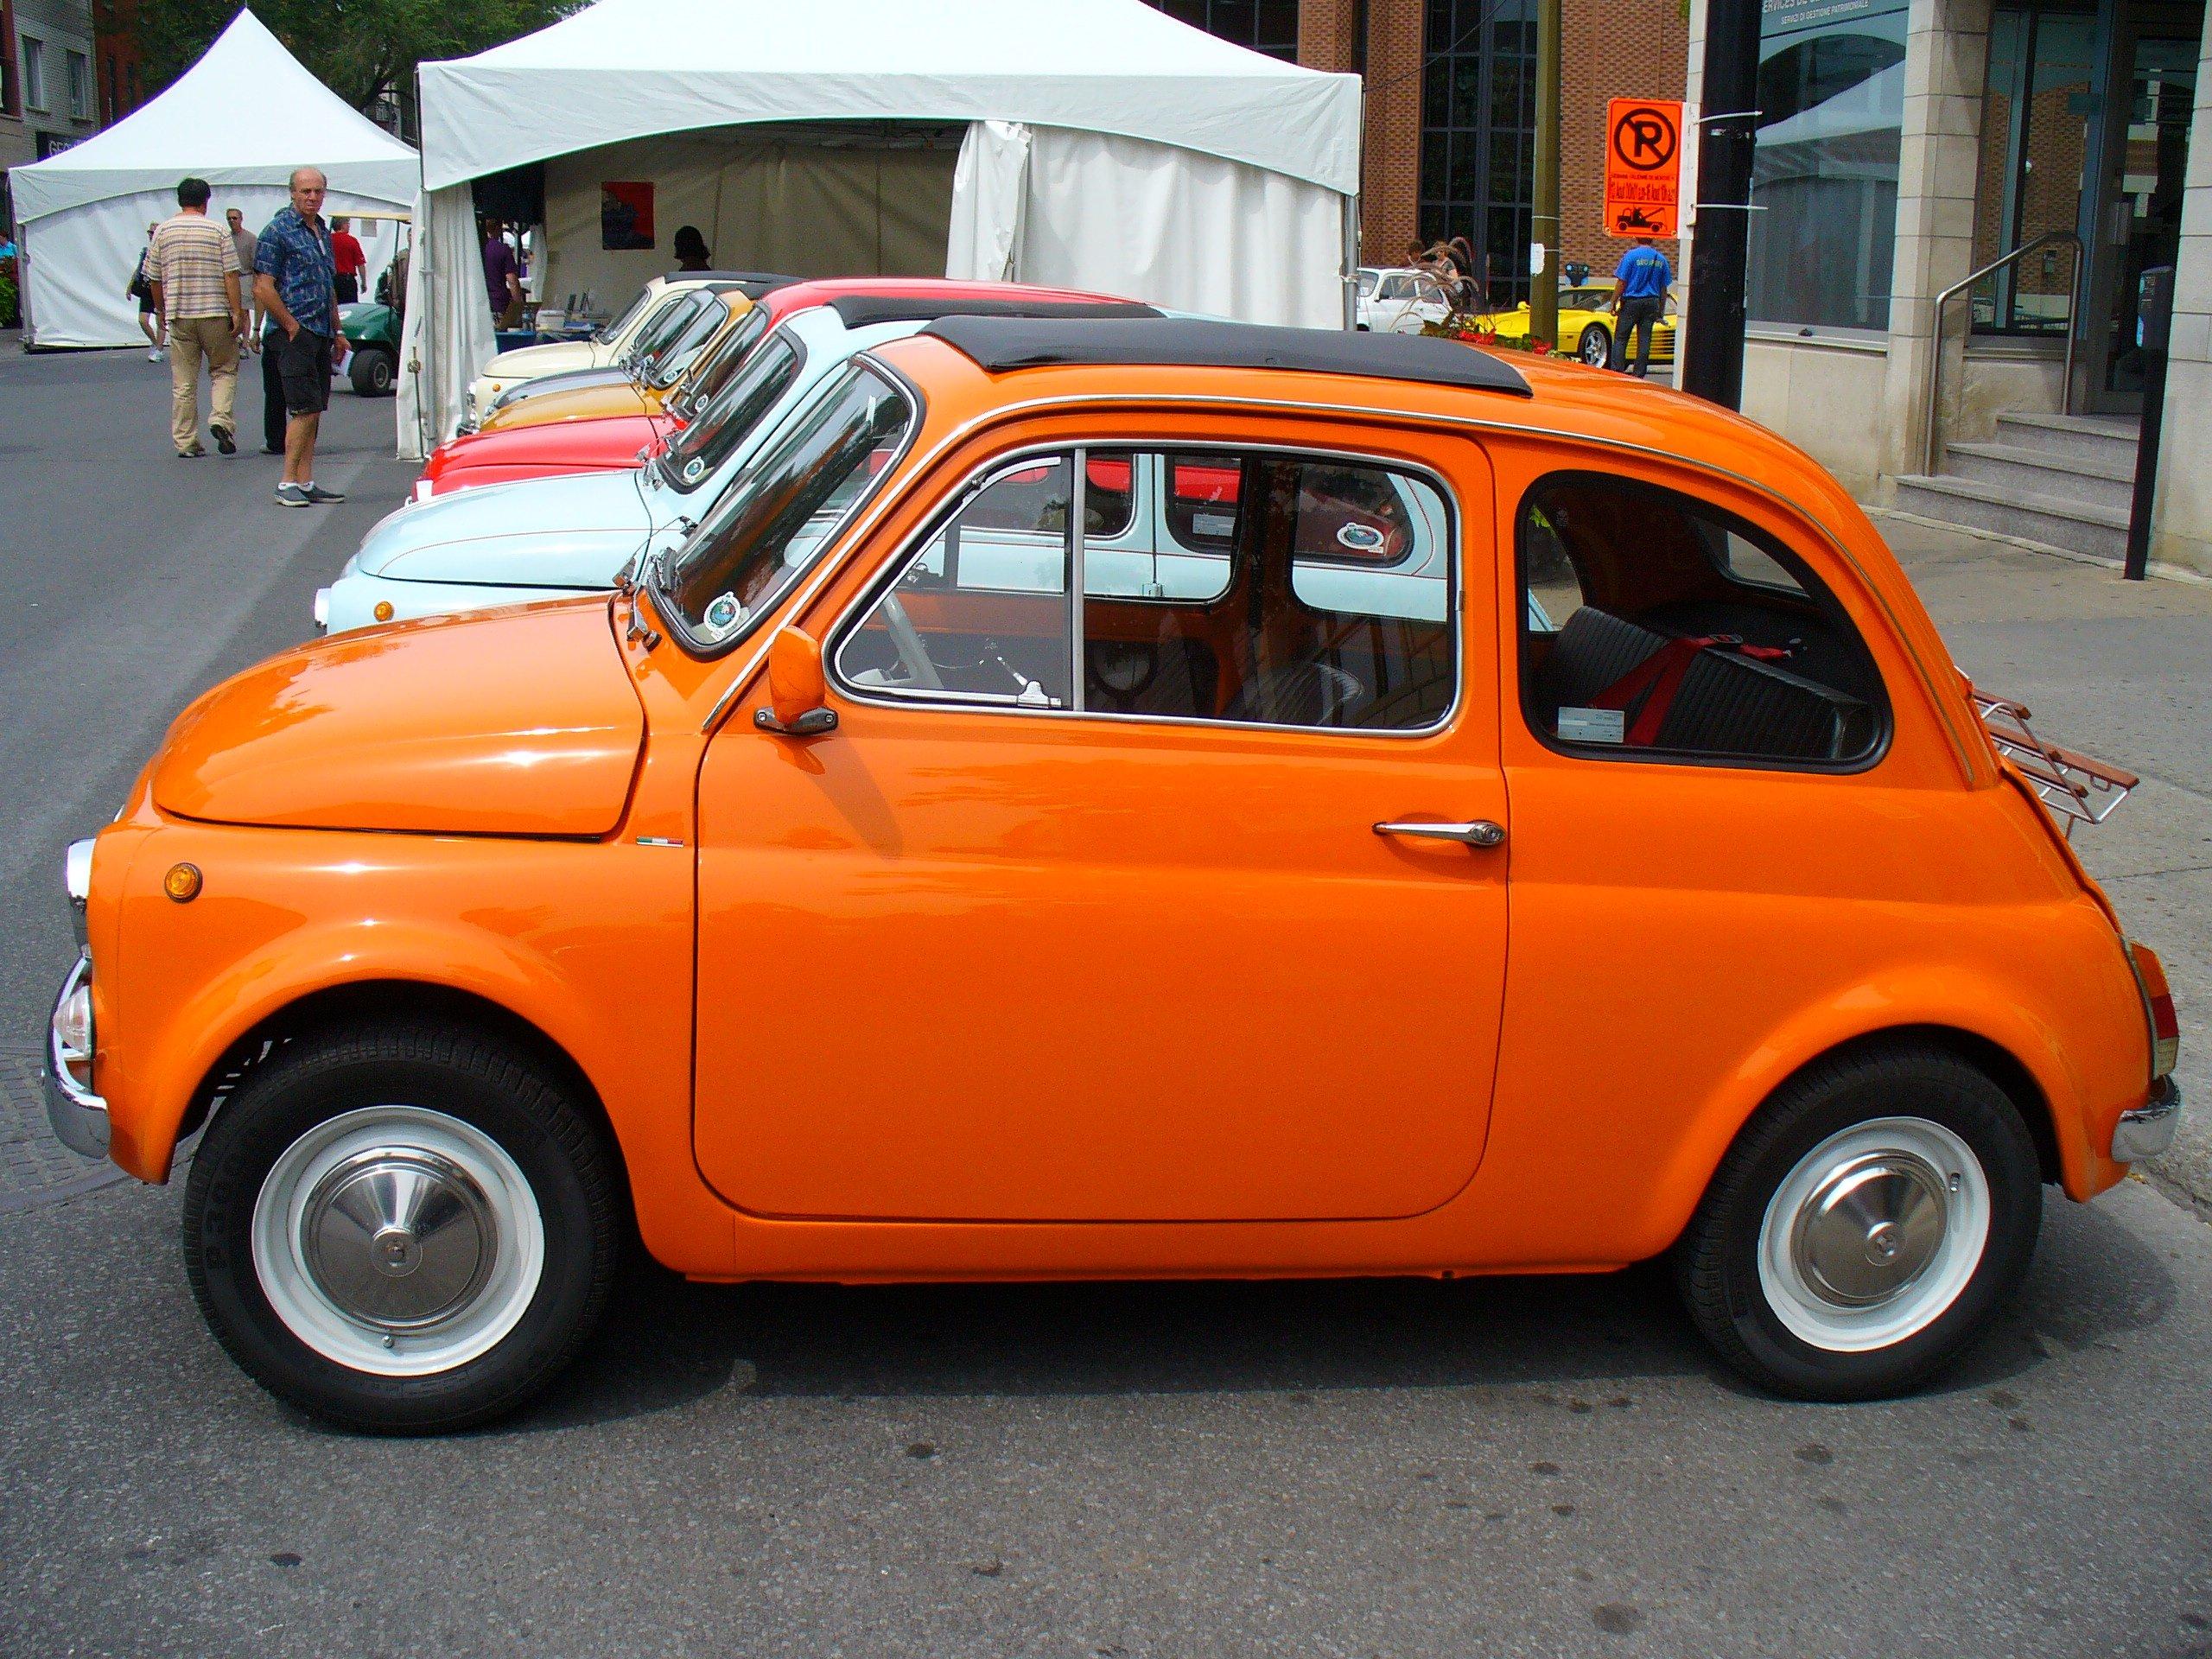 fiat cinquecento 500 cars classic italia italie wallpaper 2560x1920 602915 wallpaperup. Black Bedroom Furniture Sets. Home Design Ideas